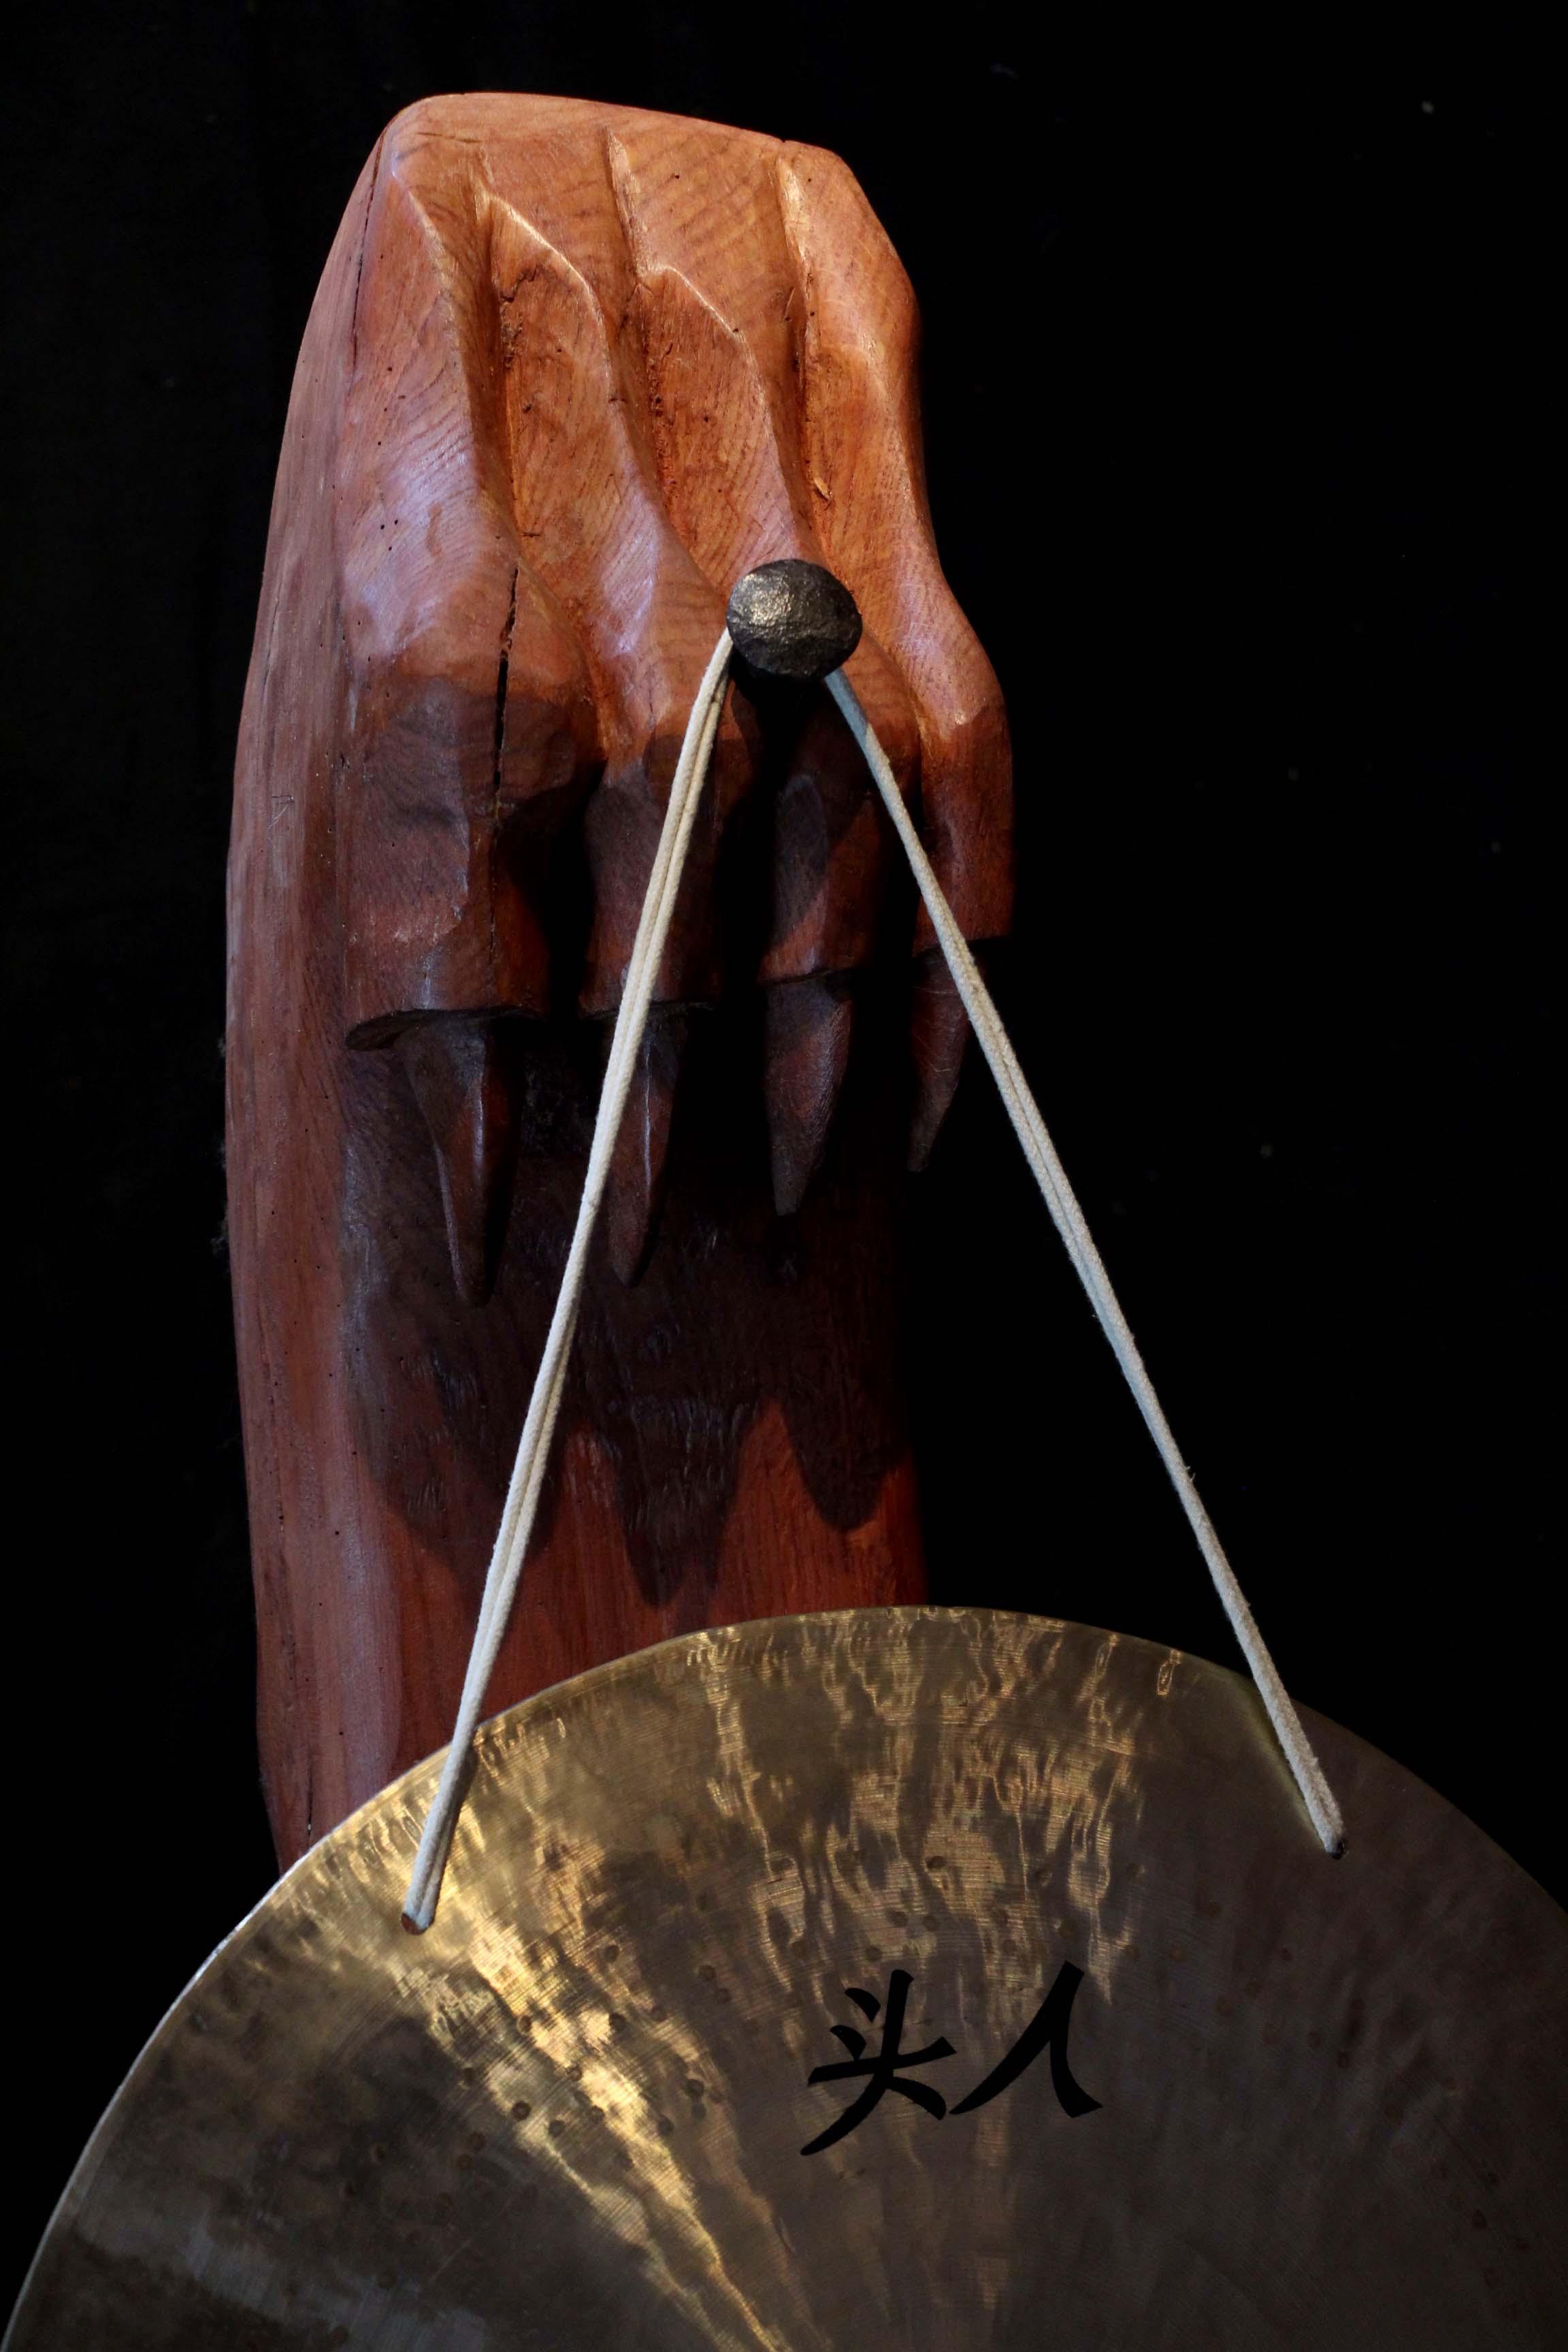 Porte gong sur pied #3 - détail